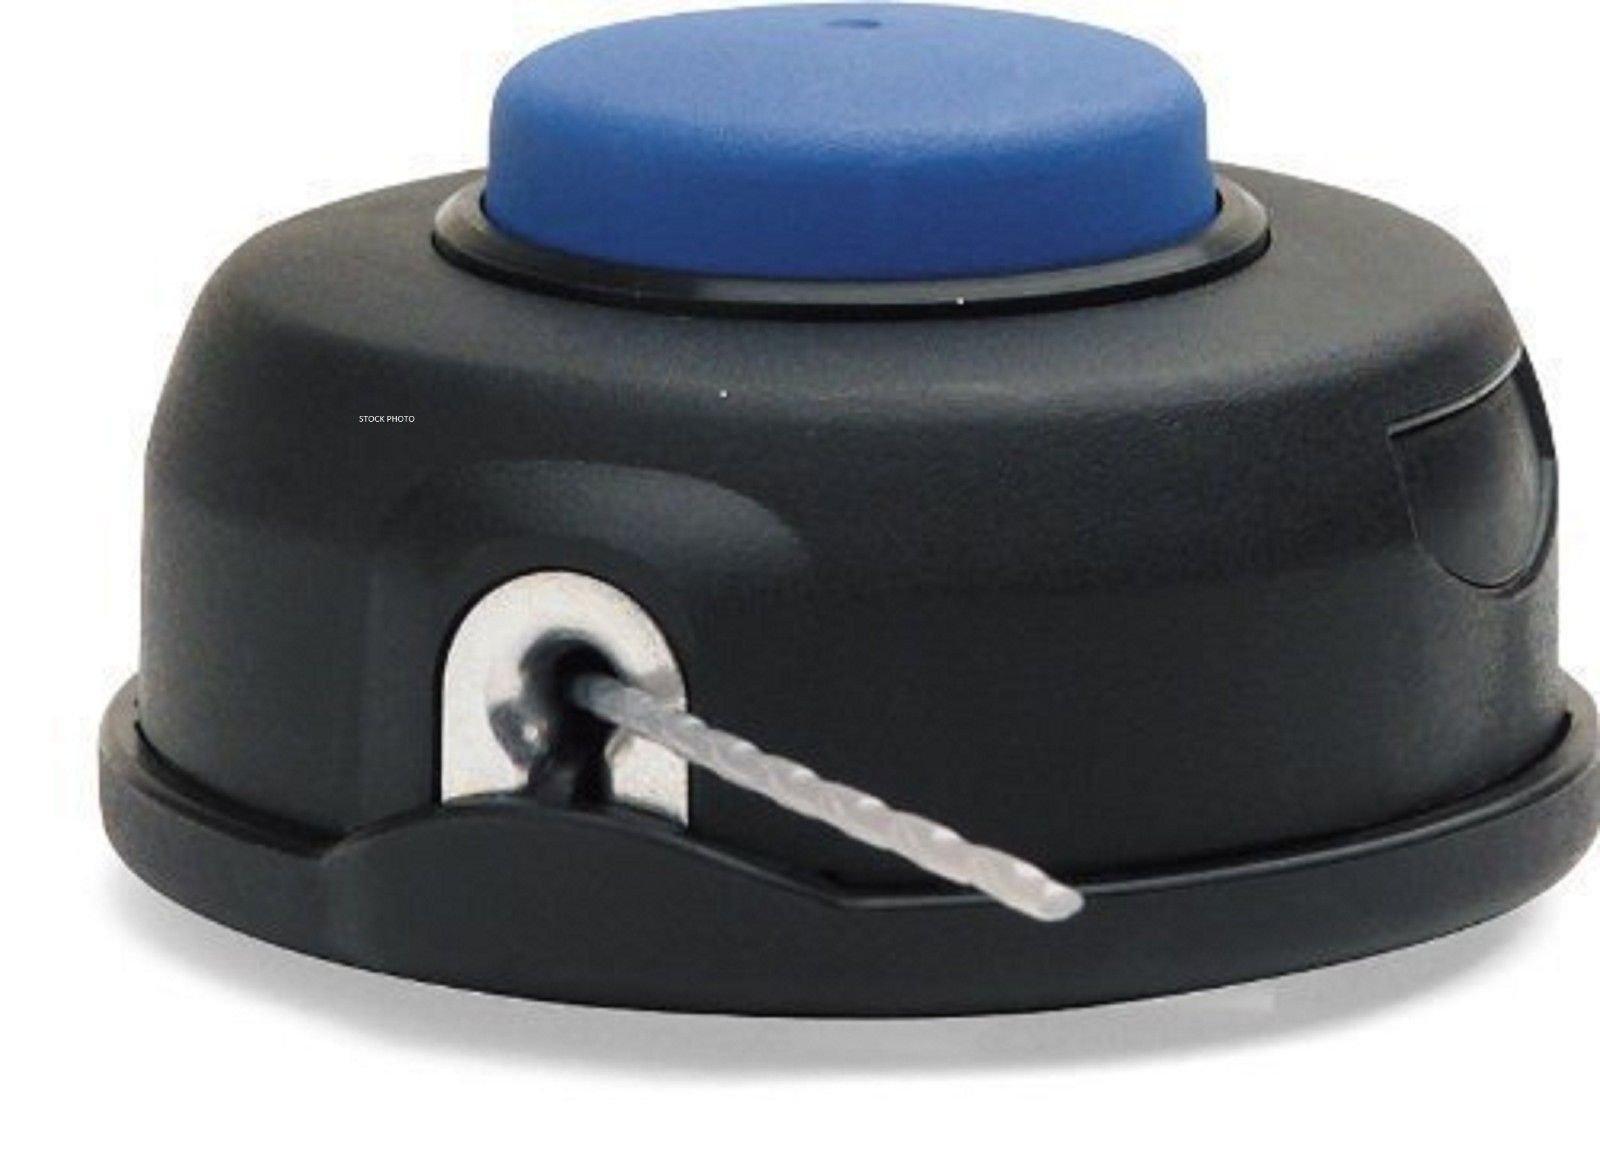 fastoworld FIT Husqvarna T35 Auto Feed Tap Head Trimmer 12mm Dual Line 531300194